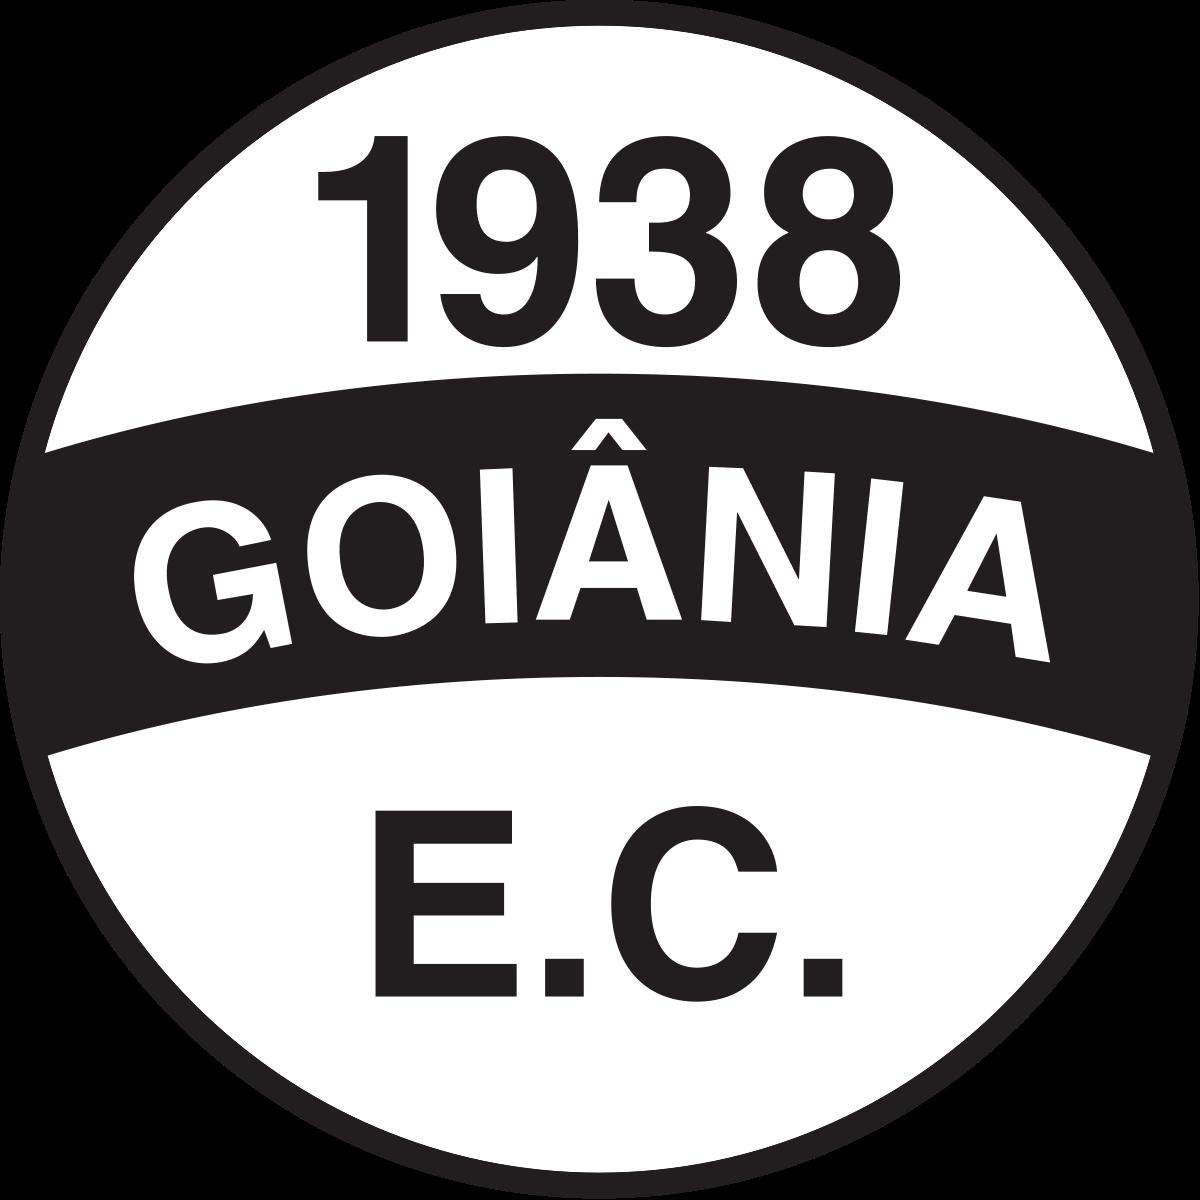 Goiania logo